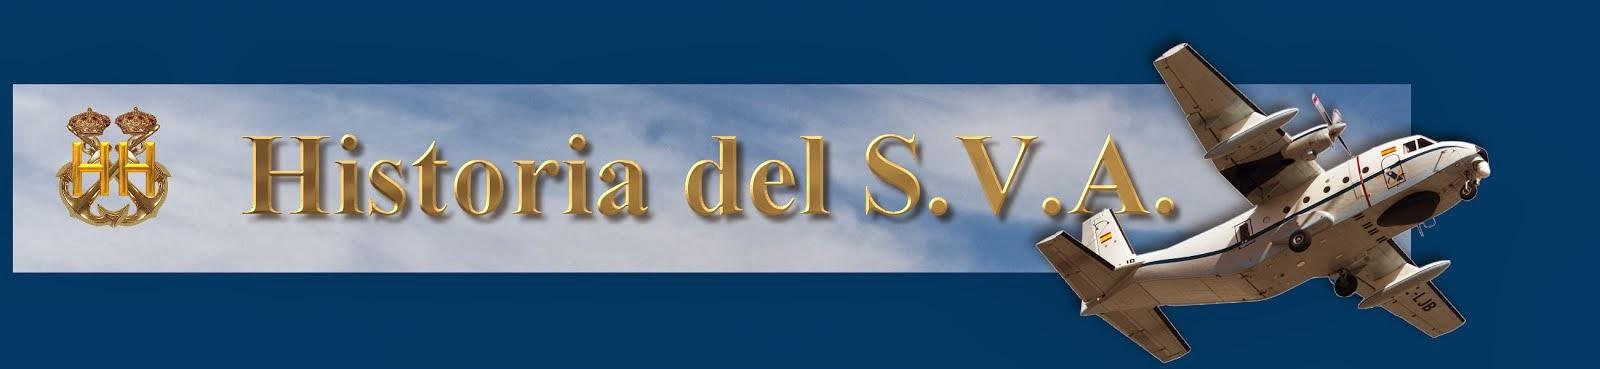 Historia del S.V.A.